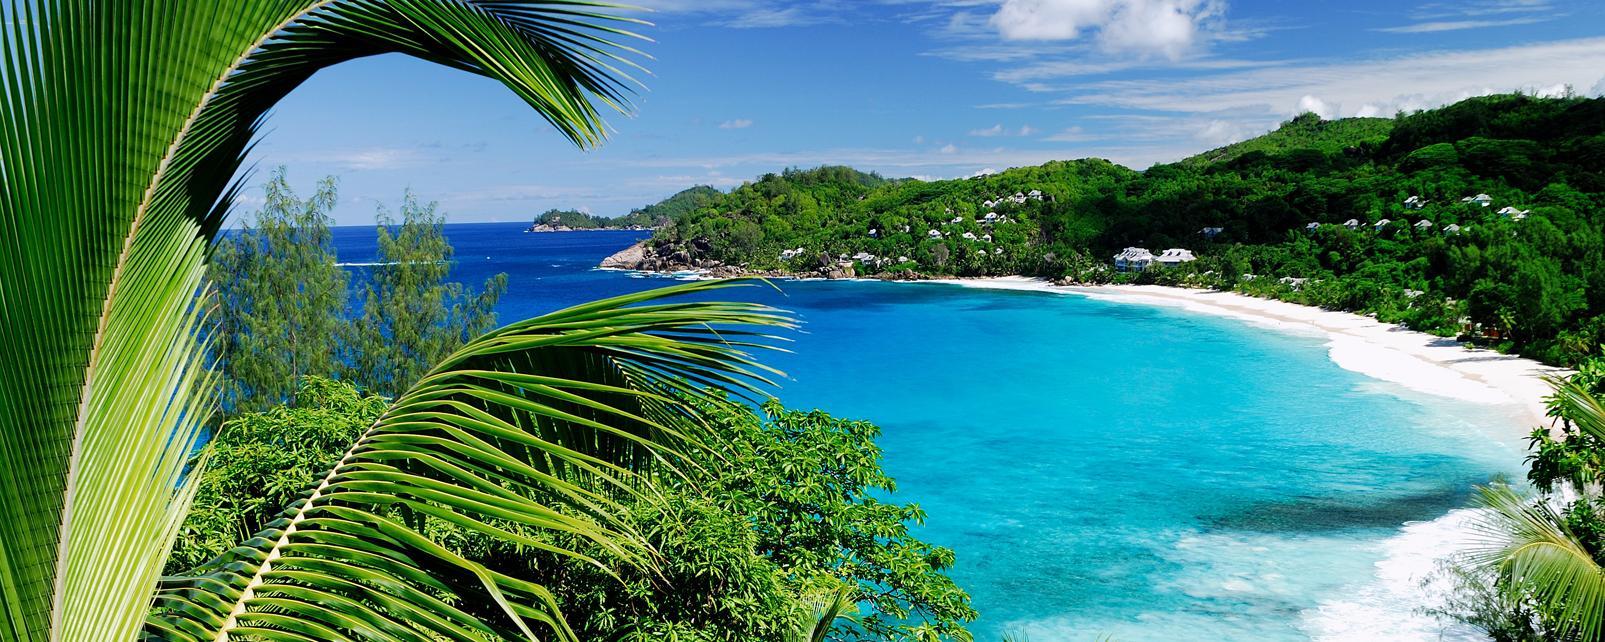 Océan Indien, Afrique, Seychelles, plage, baignade, île, sable, mer,